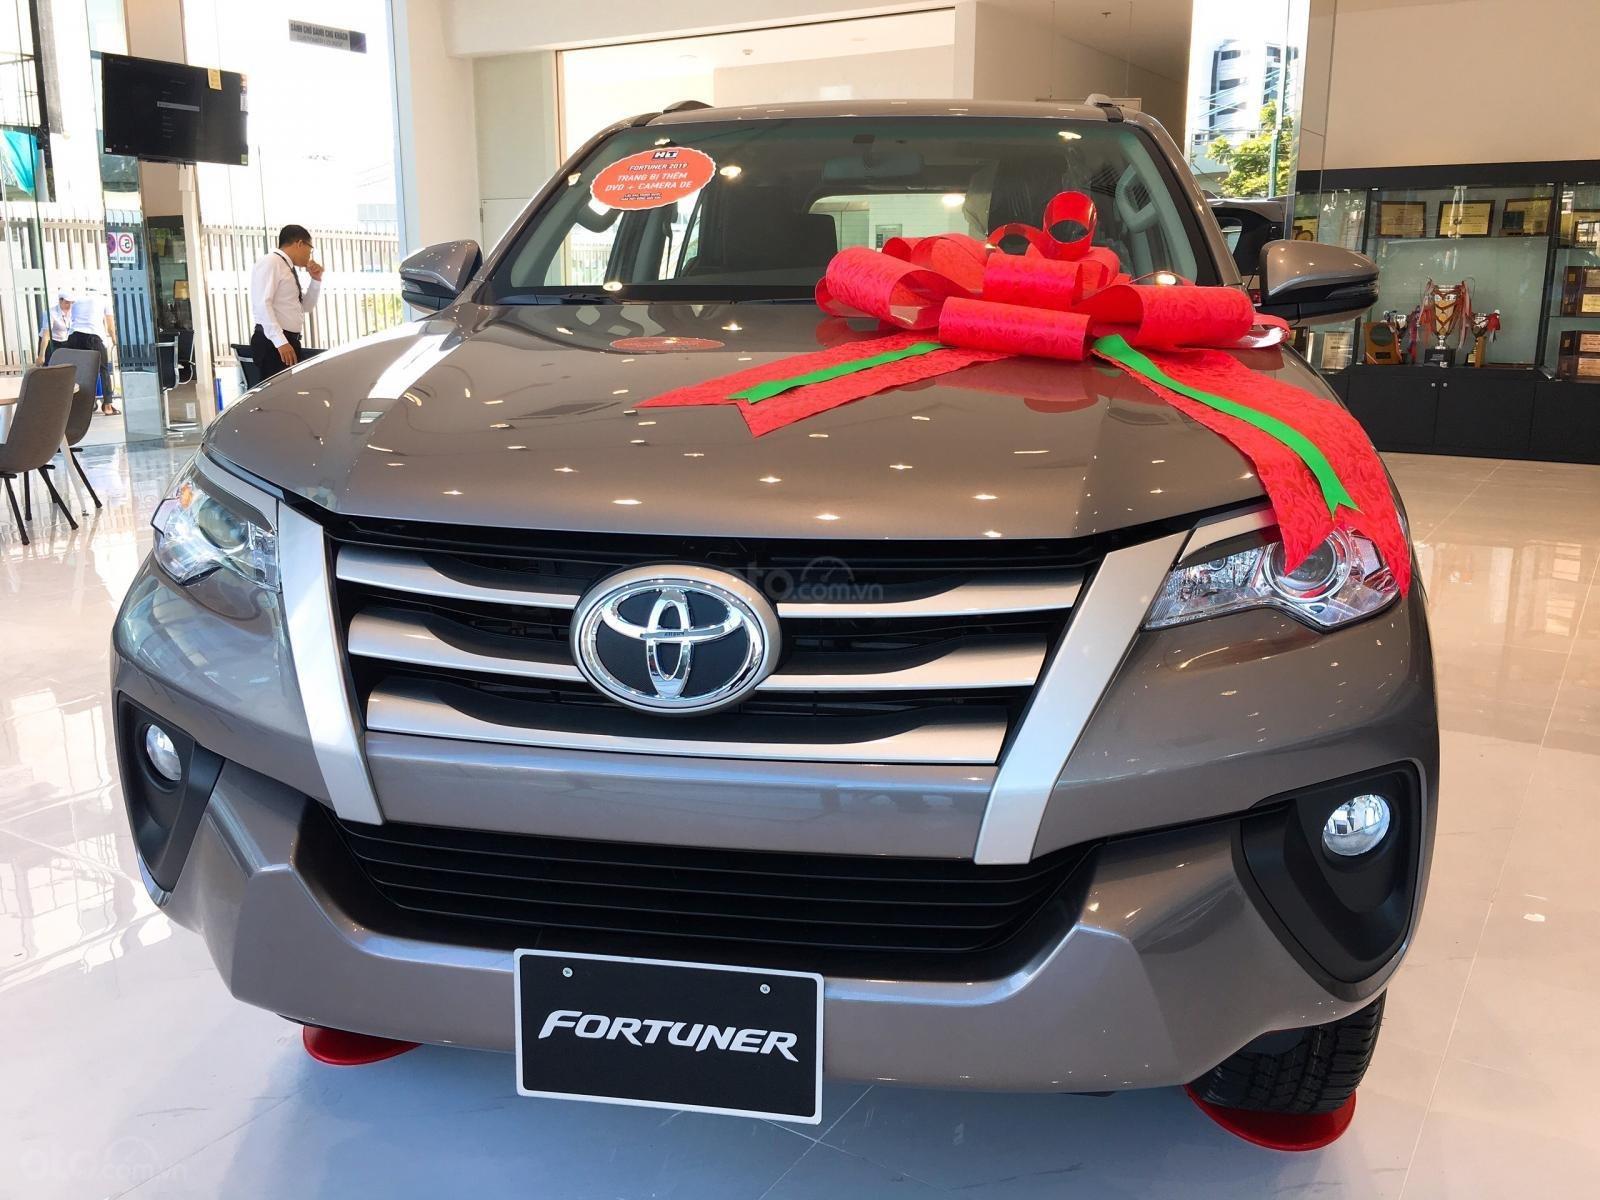 Toyota Fortuner 2.4G máy dầu, số sàn, màu đồng ánh kim, giá chỉ 998 triệu (1)